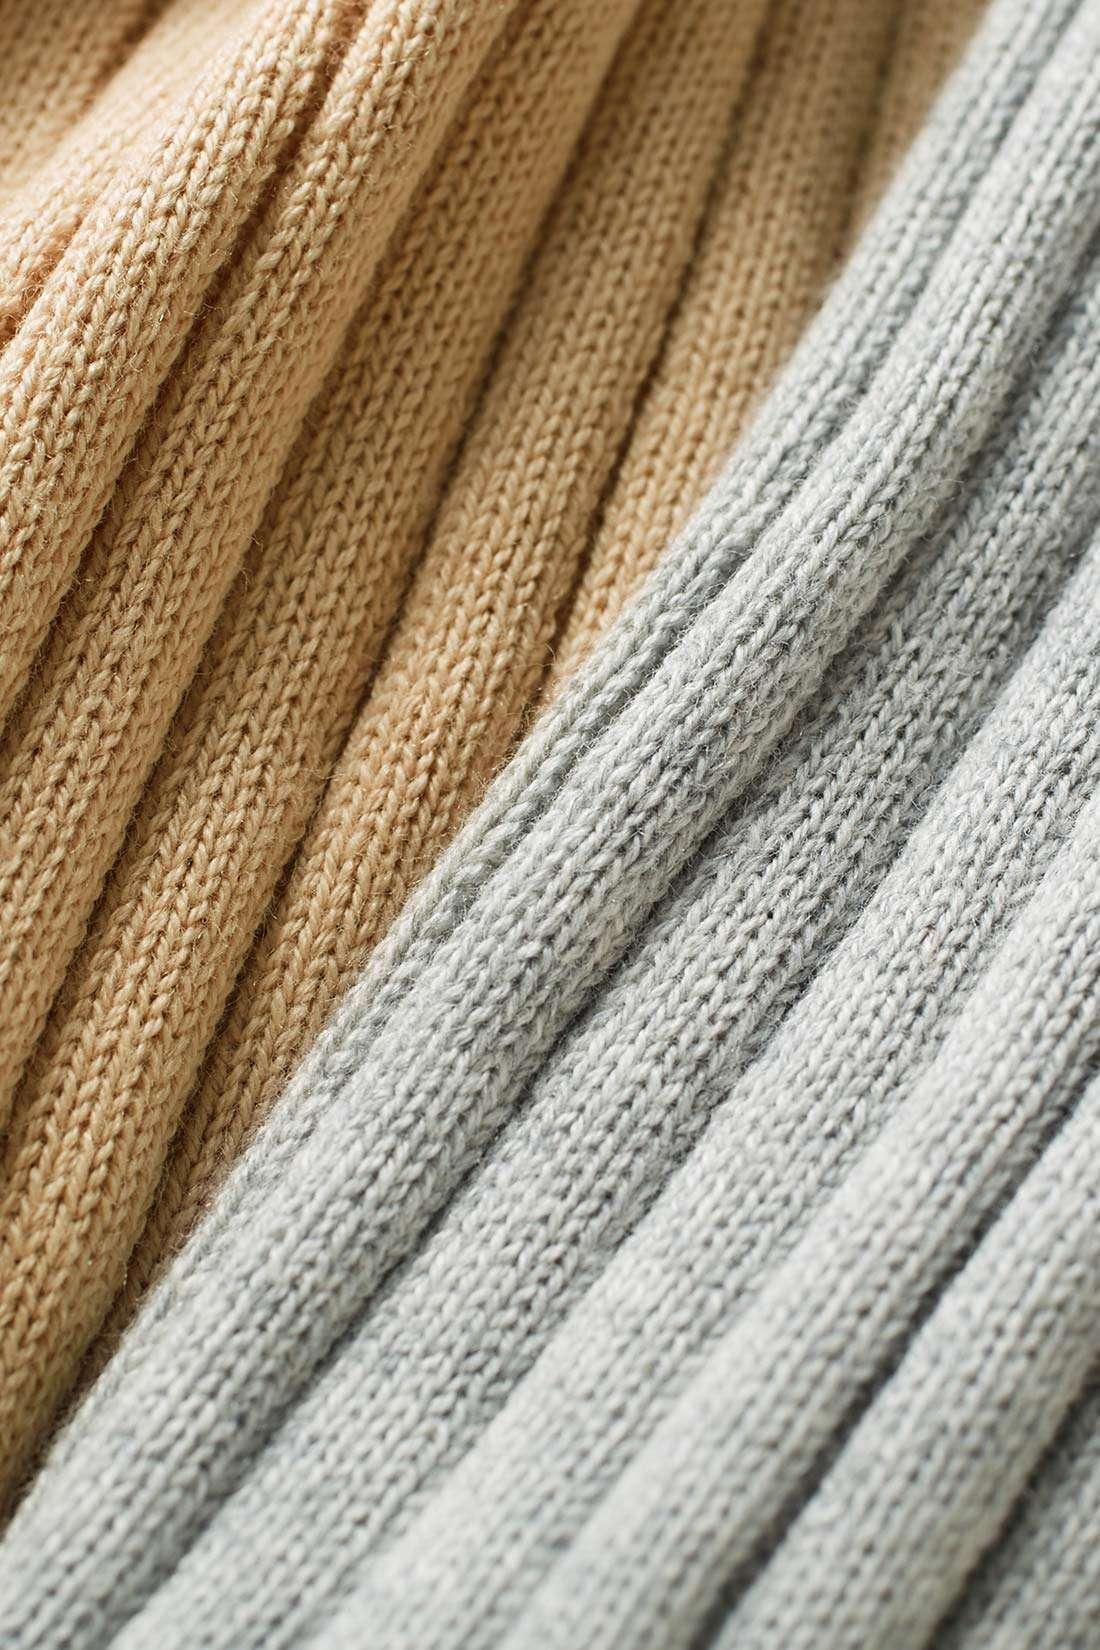 シルク15%のぜいたく素材。Tシャツ感覚で気持ちよく素肌にまとえるシルク混コットン。からだのラインを拾いすぎないワイドな縦リブで着こなしやすいのも魅力。 ※お届けするカラーとは異なります。